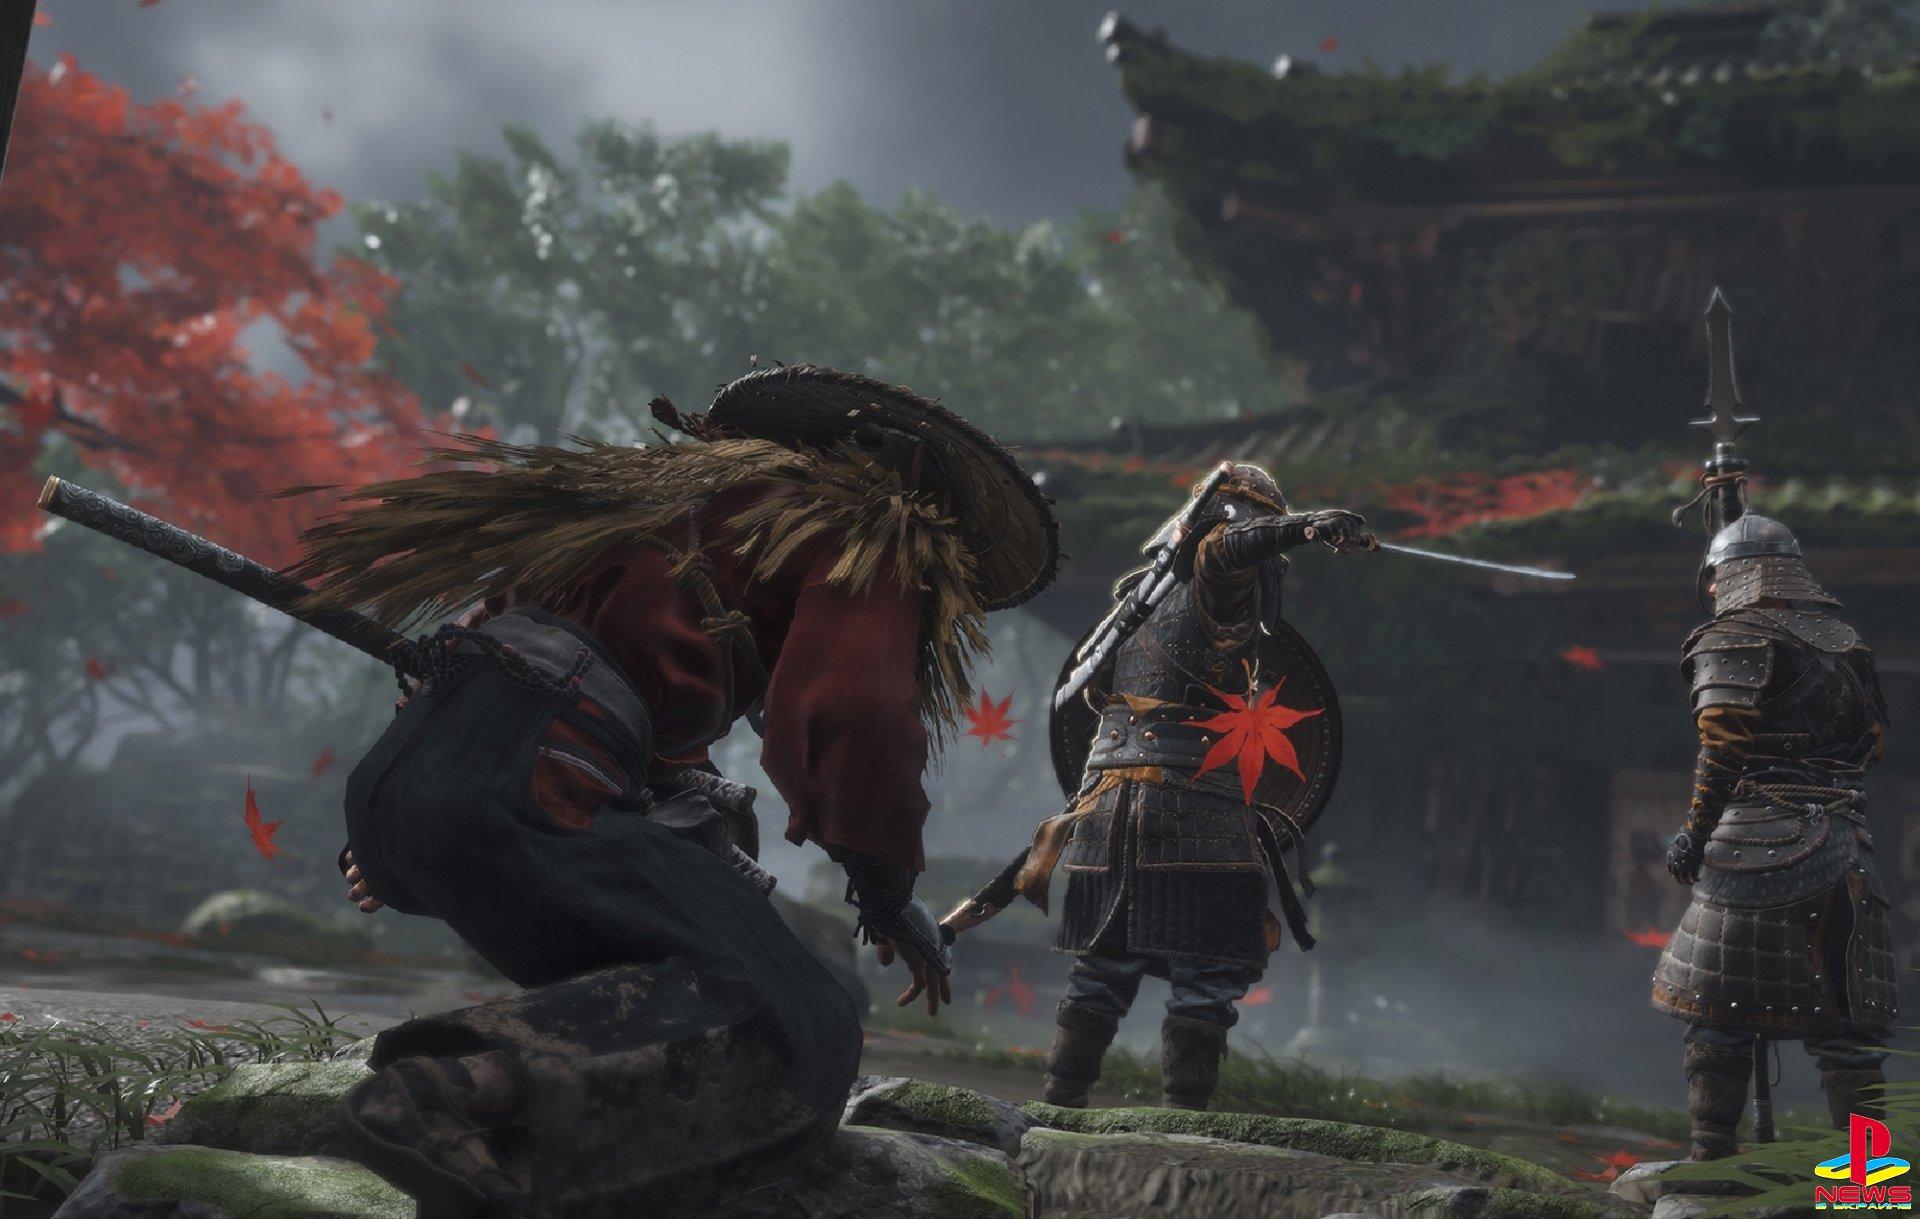 Разработчики Ghost of Tsushima для PlayStation 4 потратили много лет на создание боевой системы